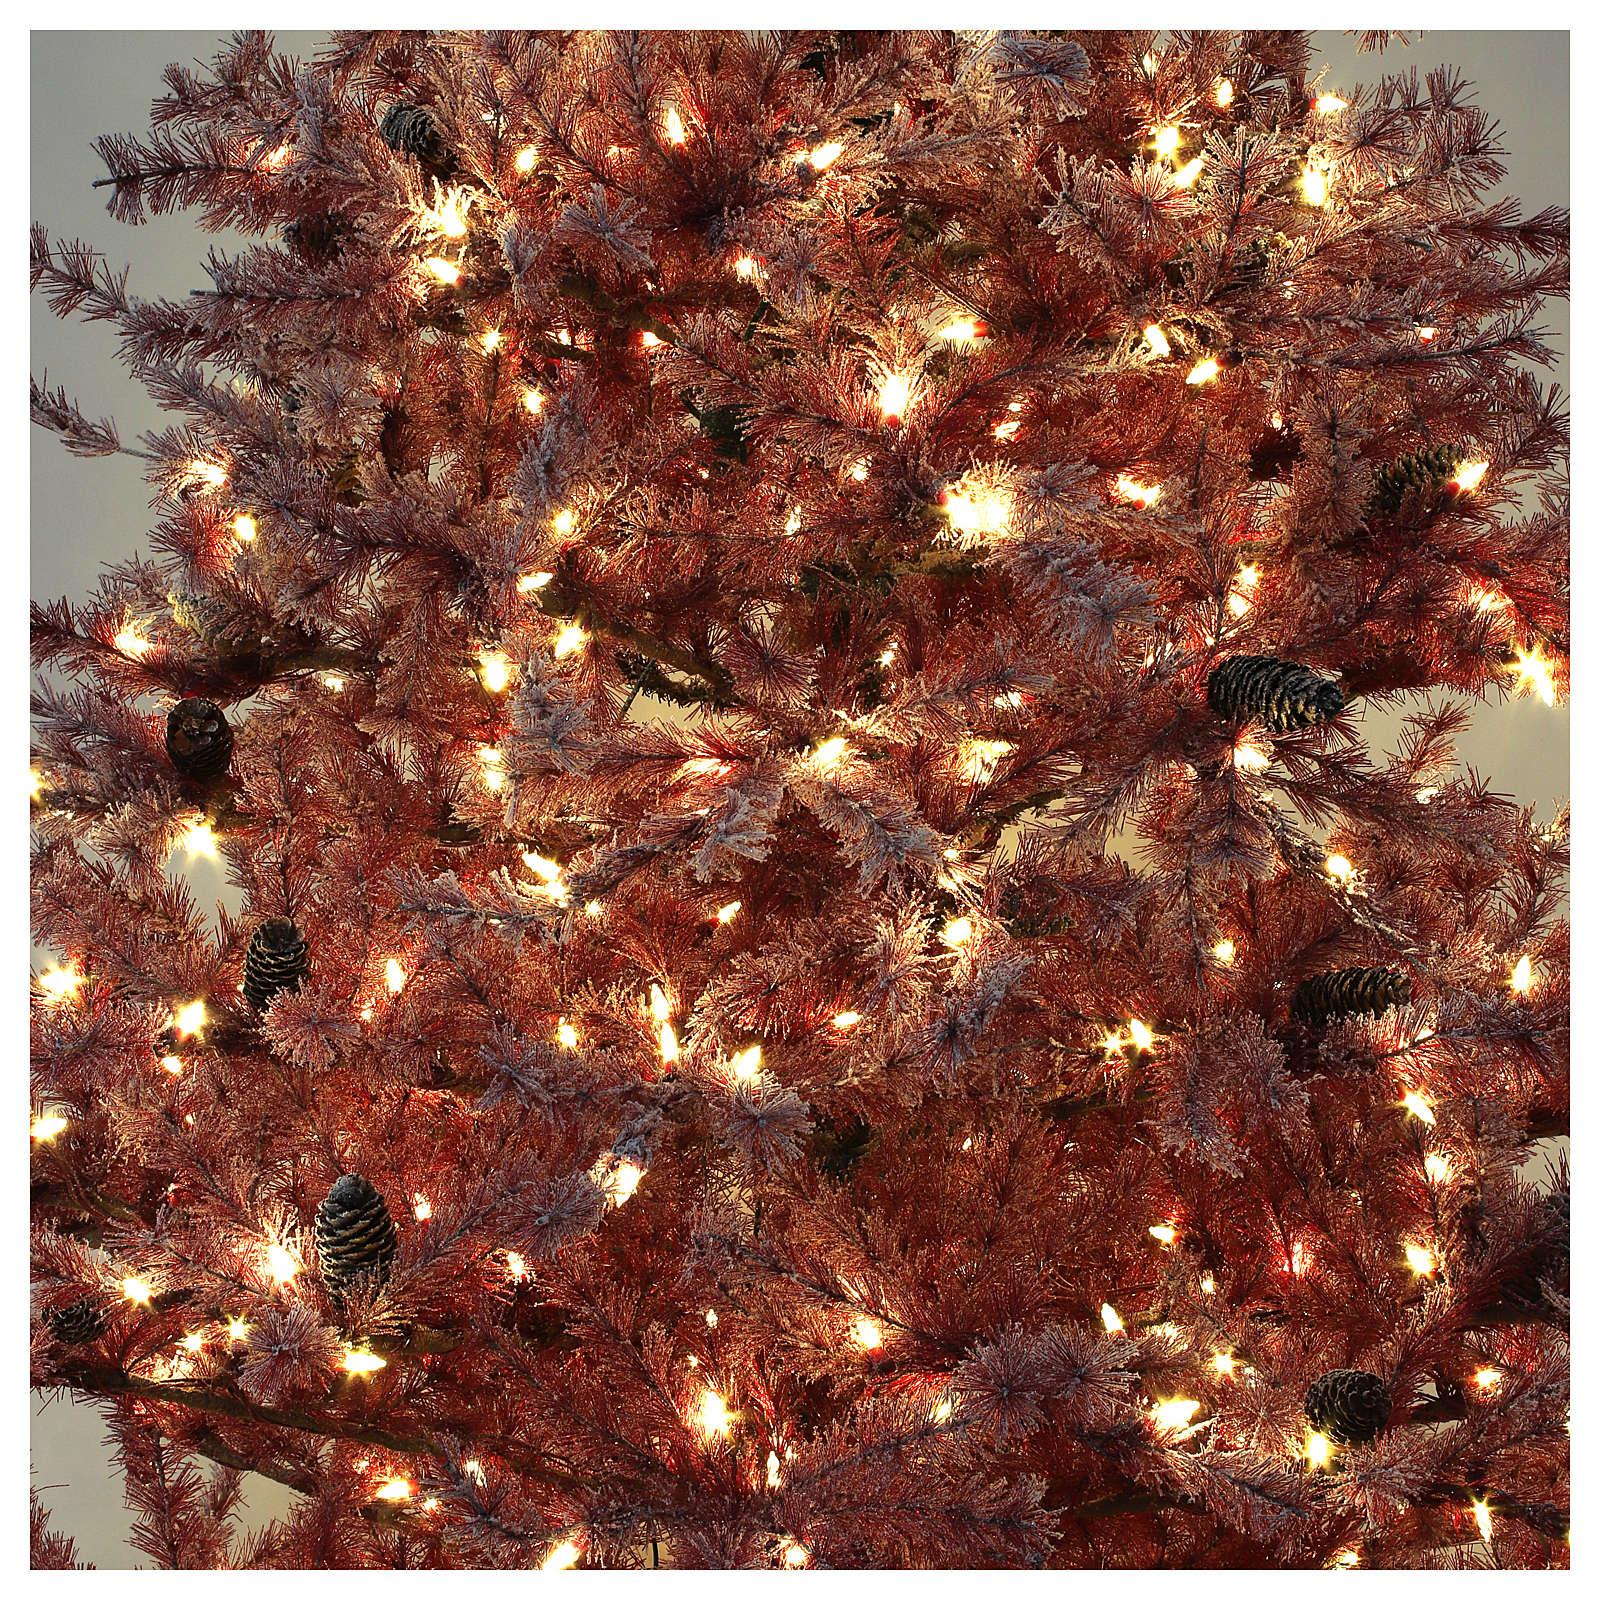 e3a1c019d5c Rbol de navidad 230 cm color coral escarchado con venta Arbol navidad  exterior